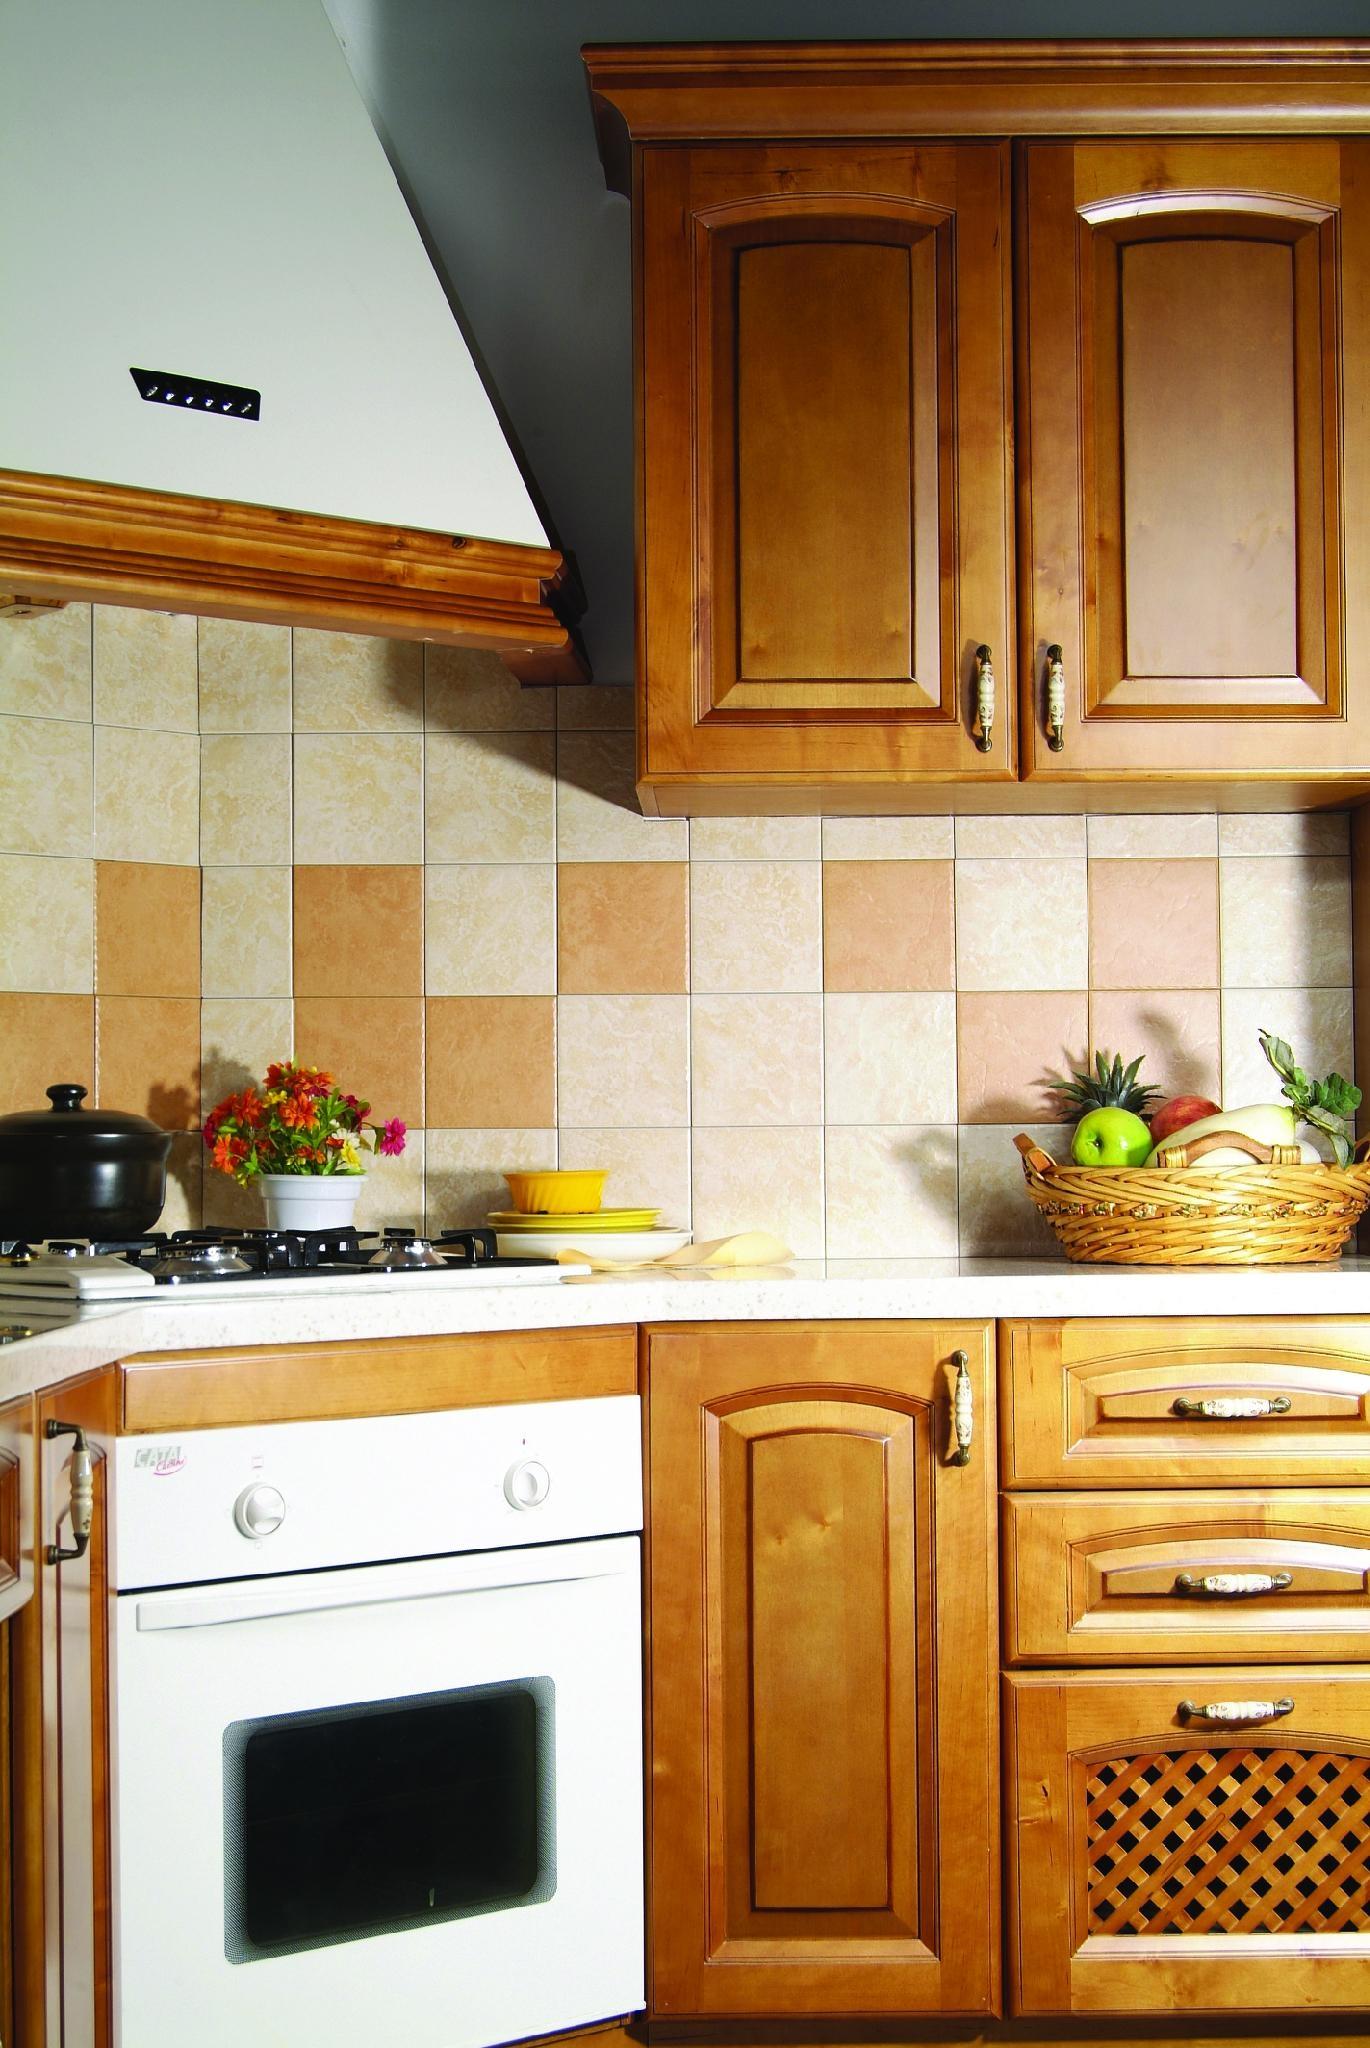 European Style Kitchen Set